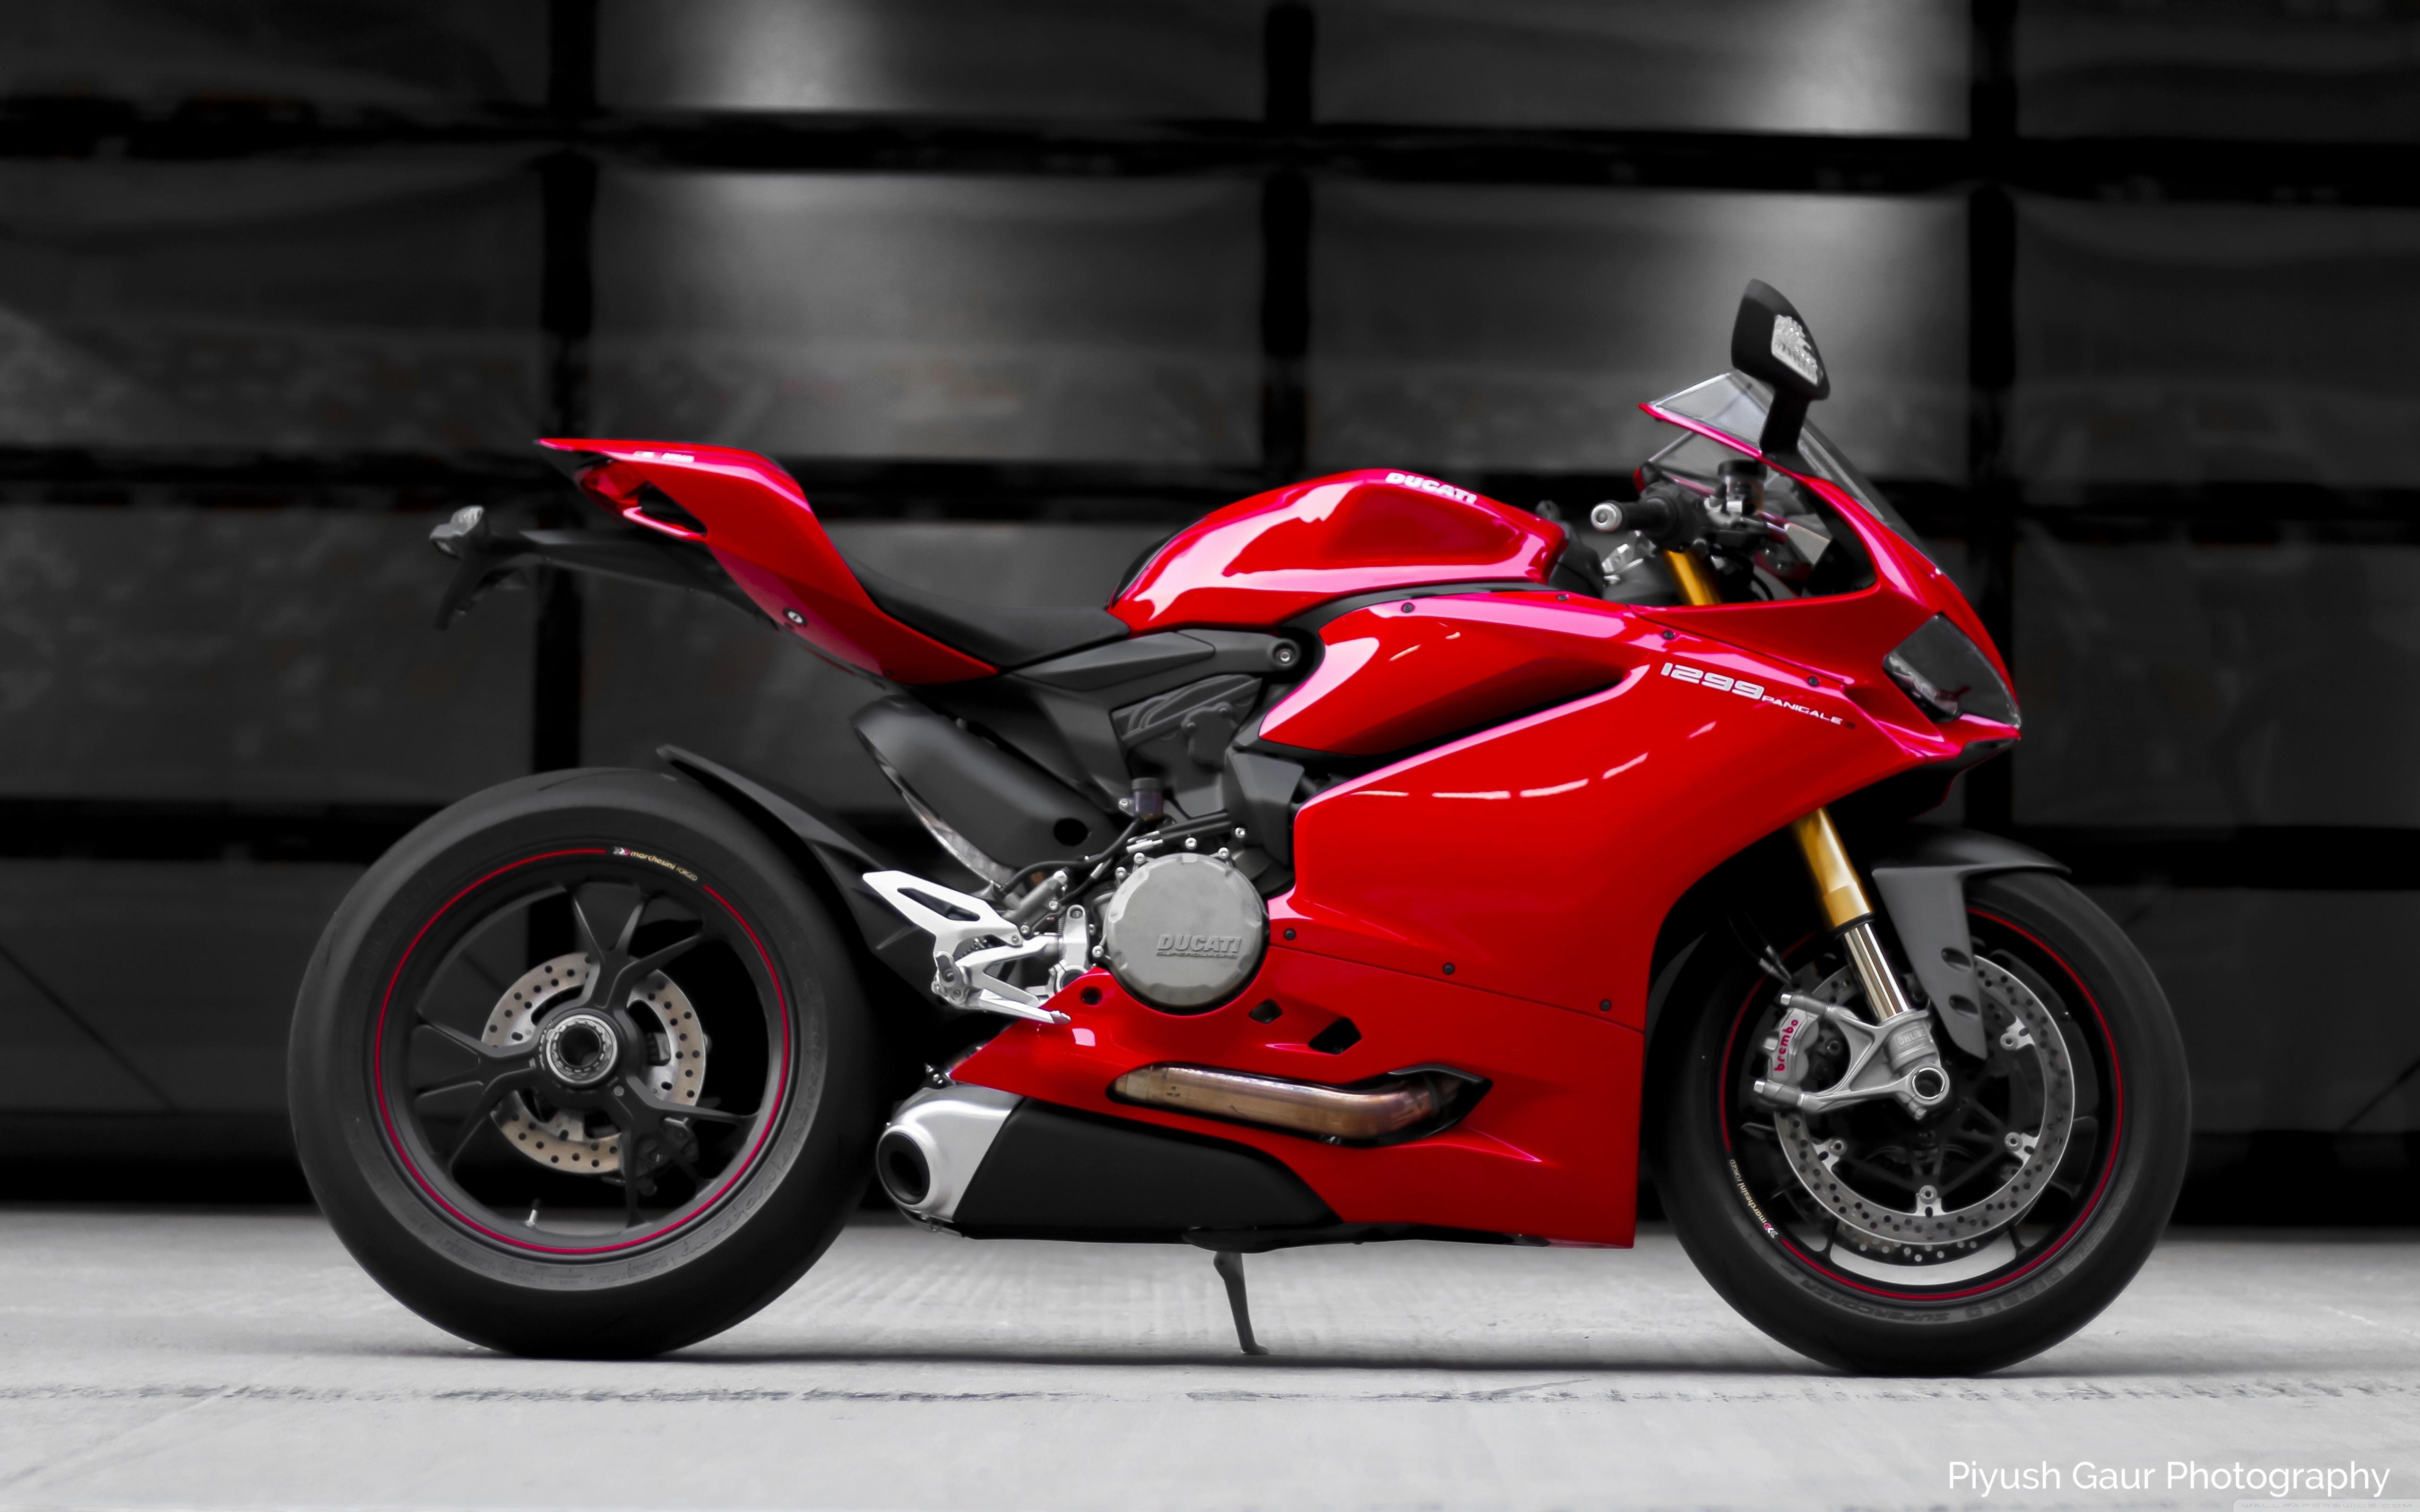 Ducati Panigale 1299S 4K HD Desktop Wallpaper for 4K Ultra HD 5120x3200